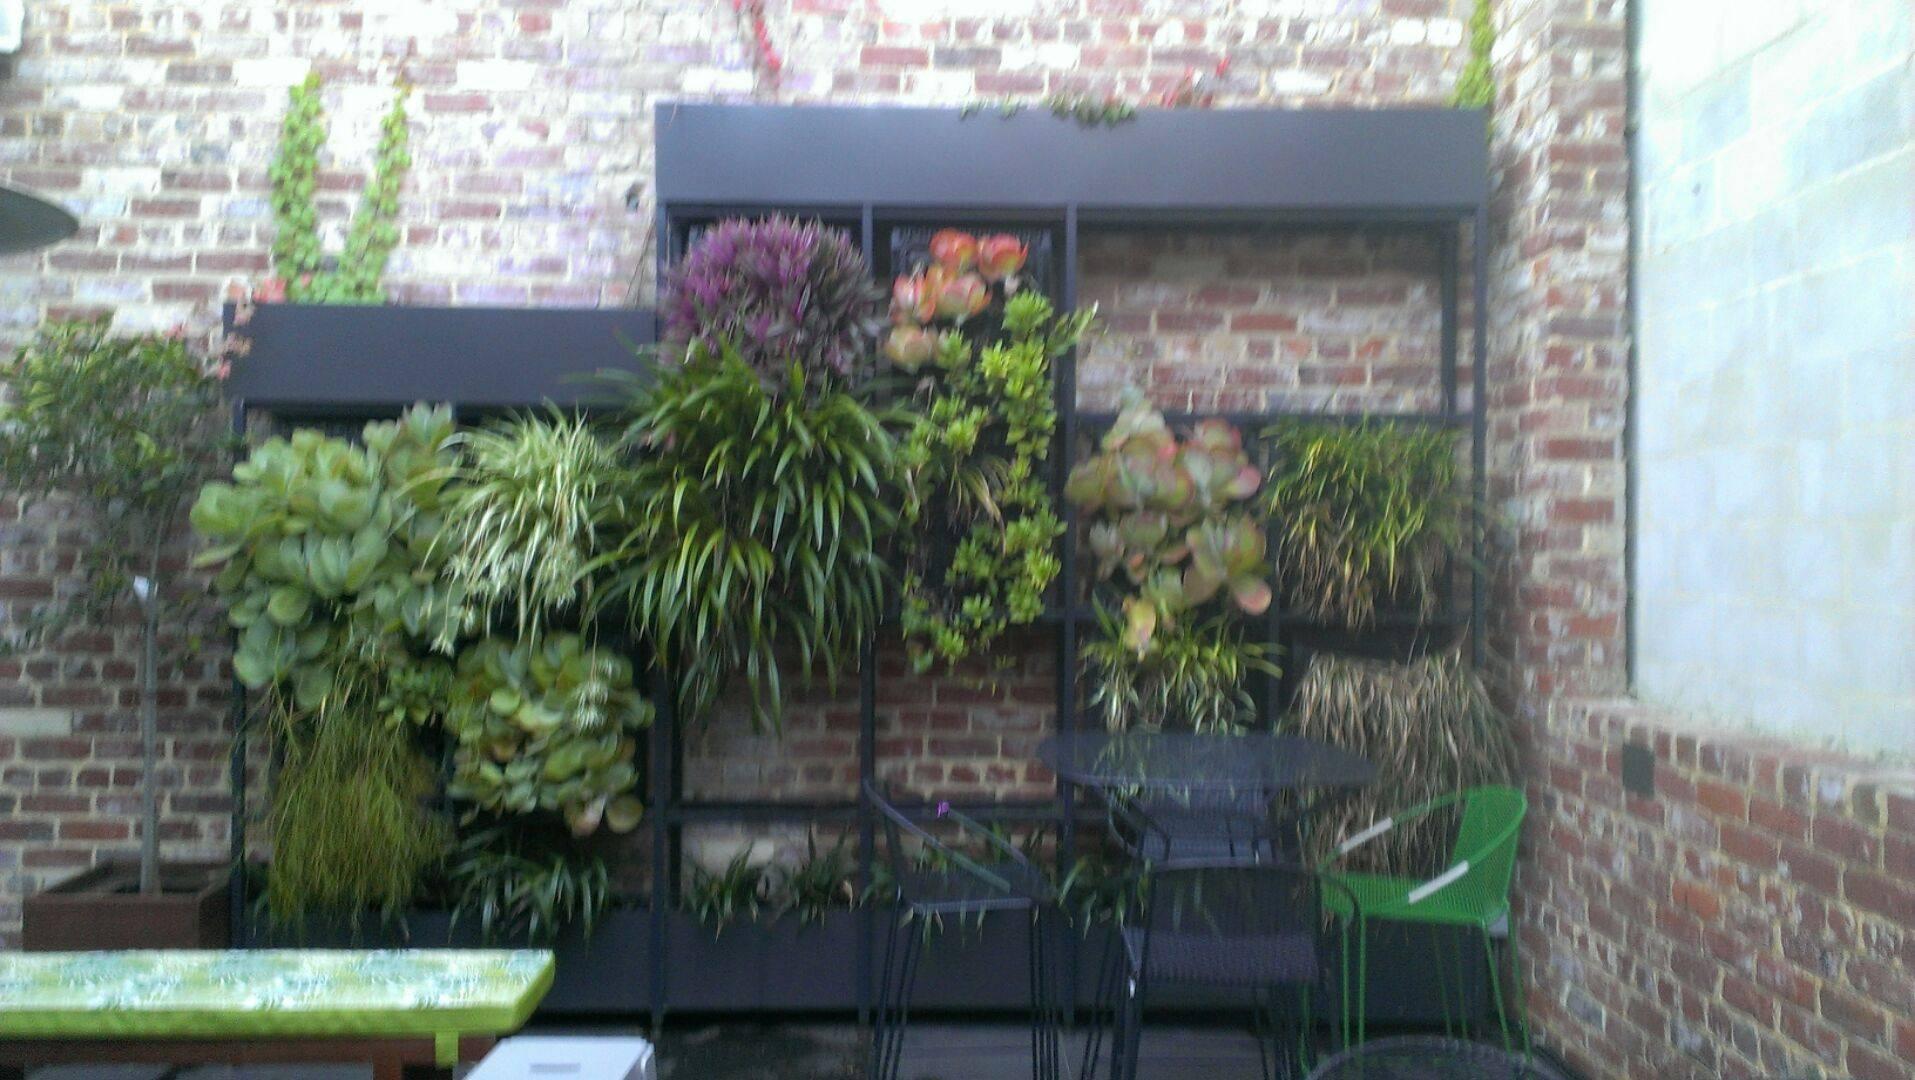 Wall Art Designs: Garden Wall Art Living Garden Wall Venn Art Within Most Current Garden Wall Art (View 14 of 30)